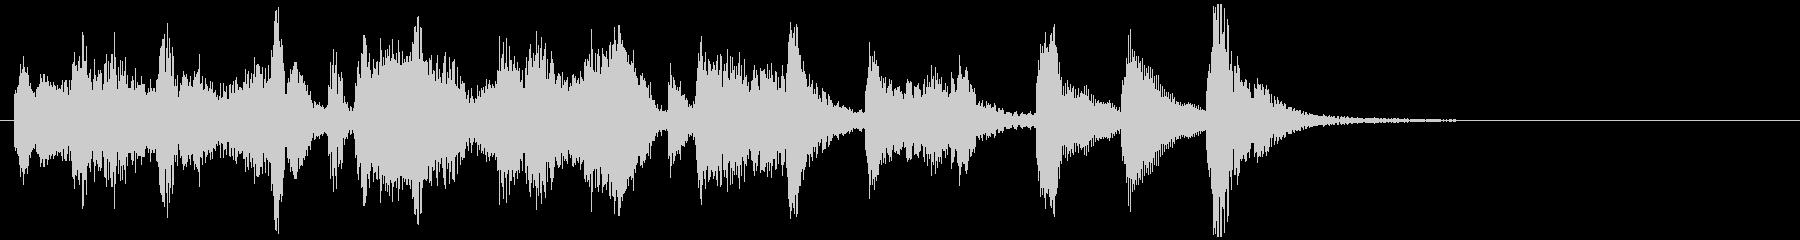 のほほんジングル029_のんびり-3の未再生の波形